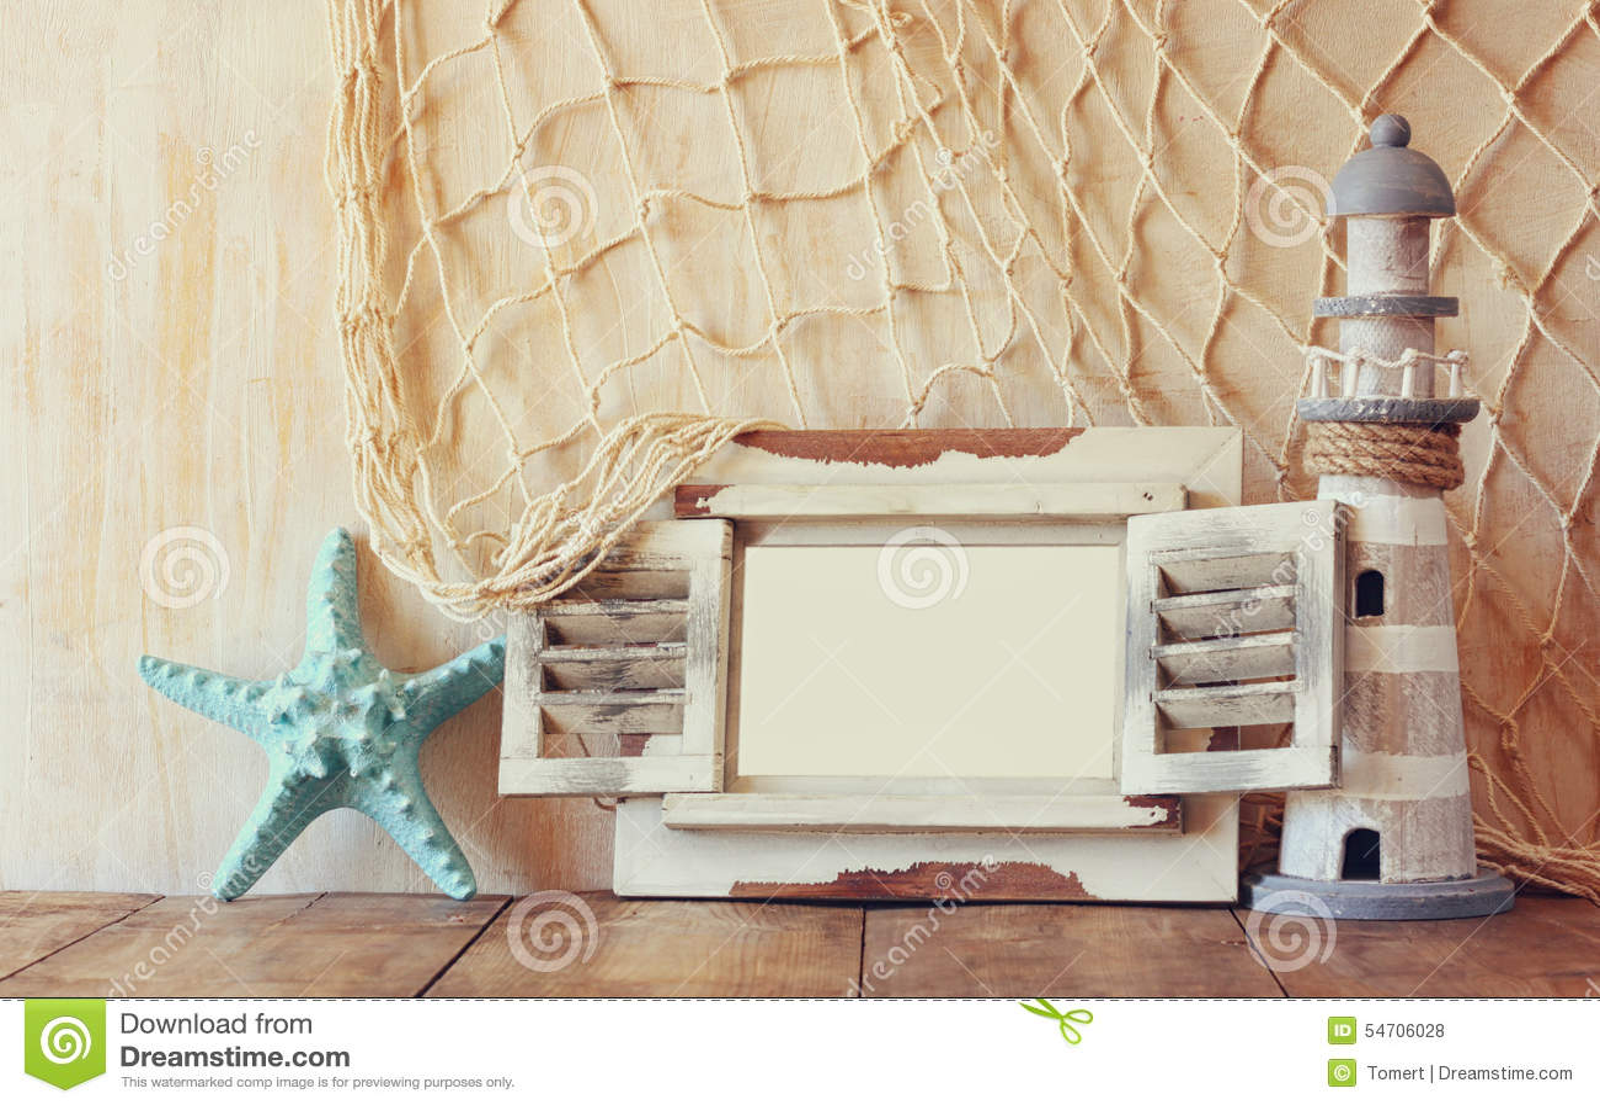 Oude uitstekende houten witte kader en vuurtoren op houten lijst wijnoogst gefiltreerd beeld zeevaartlevensstijlconcept